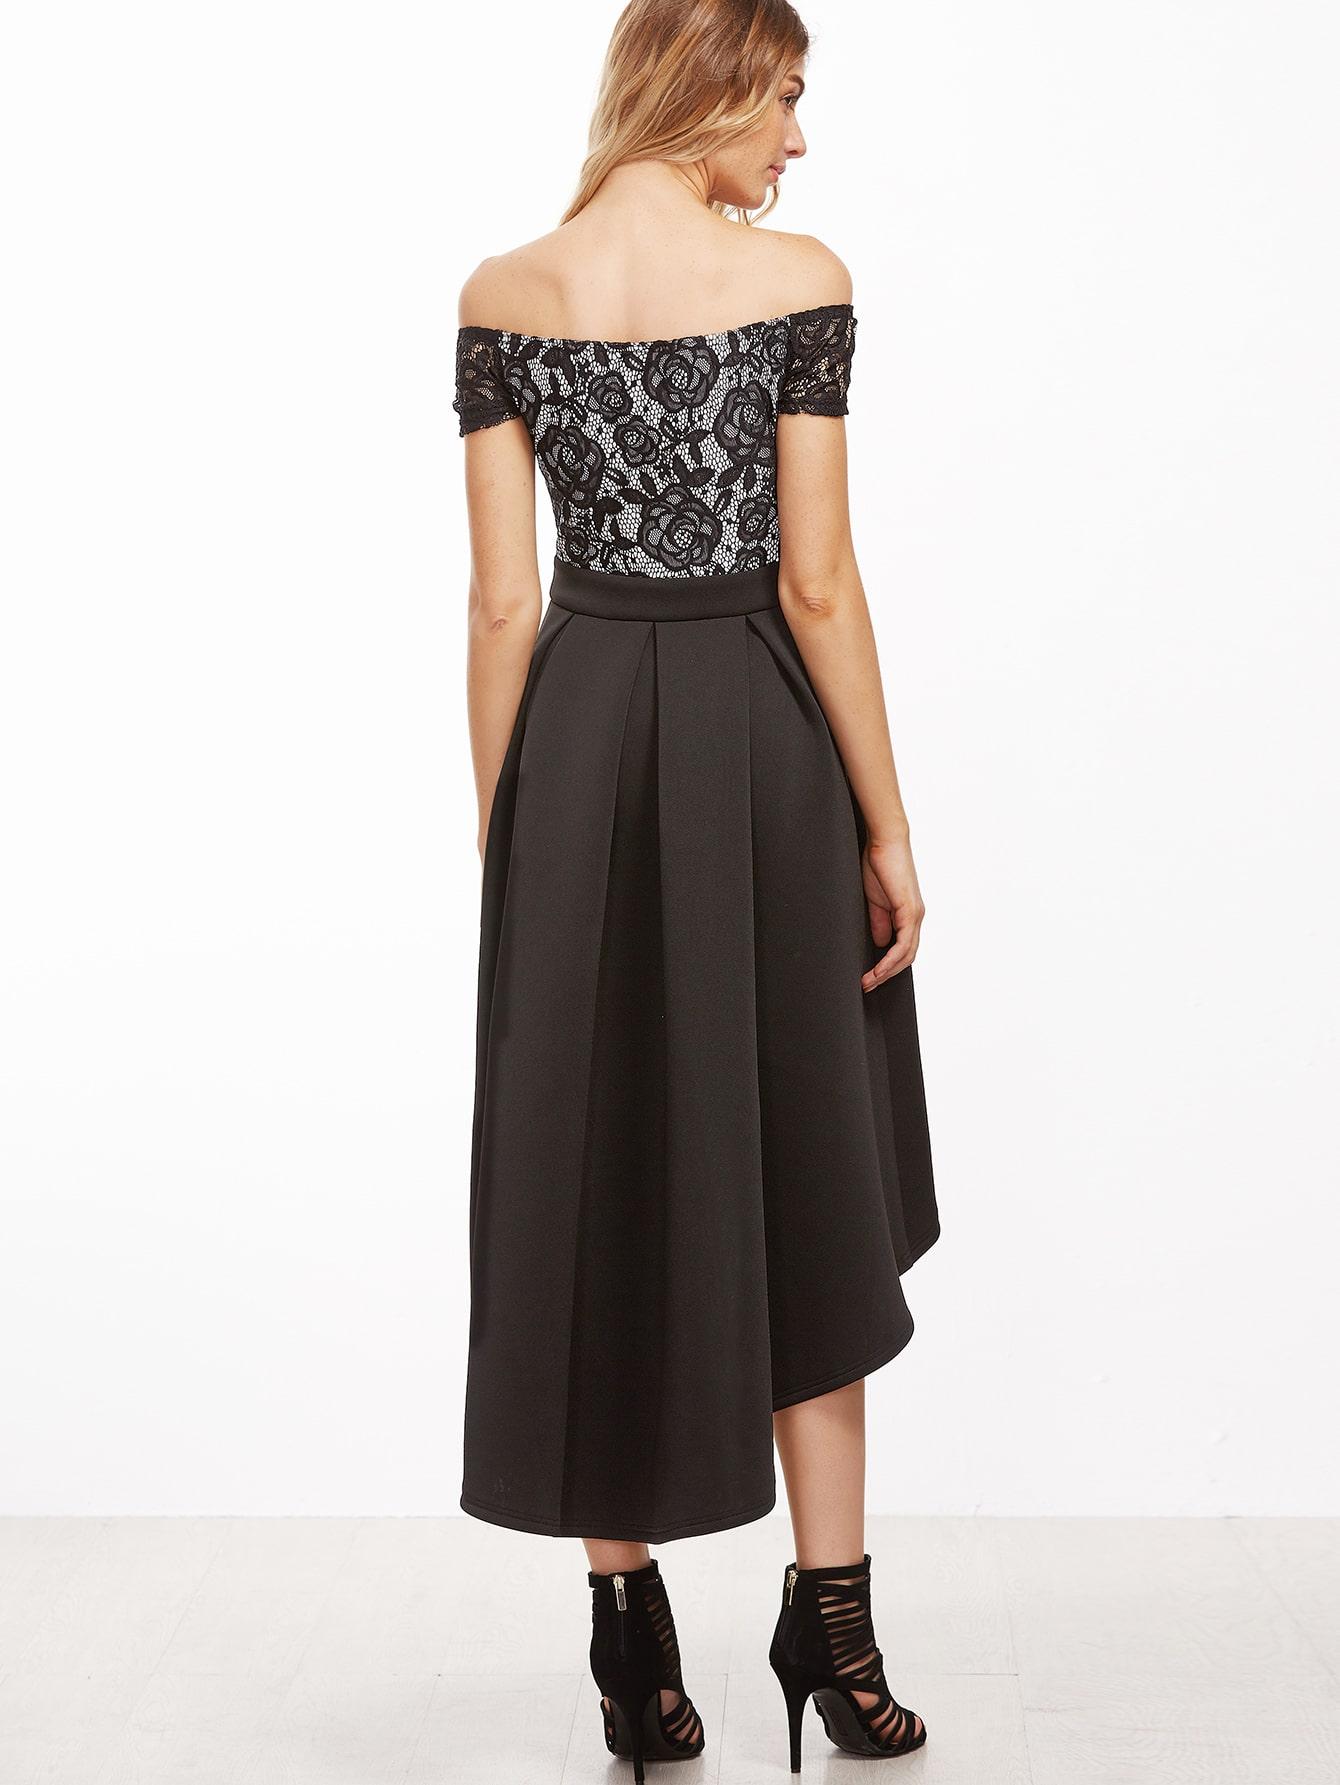 dress161025720_2